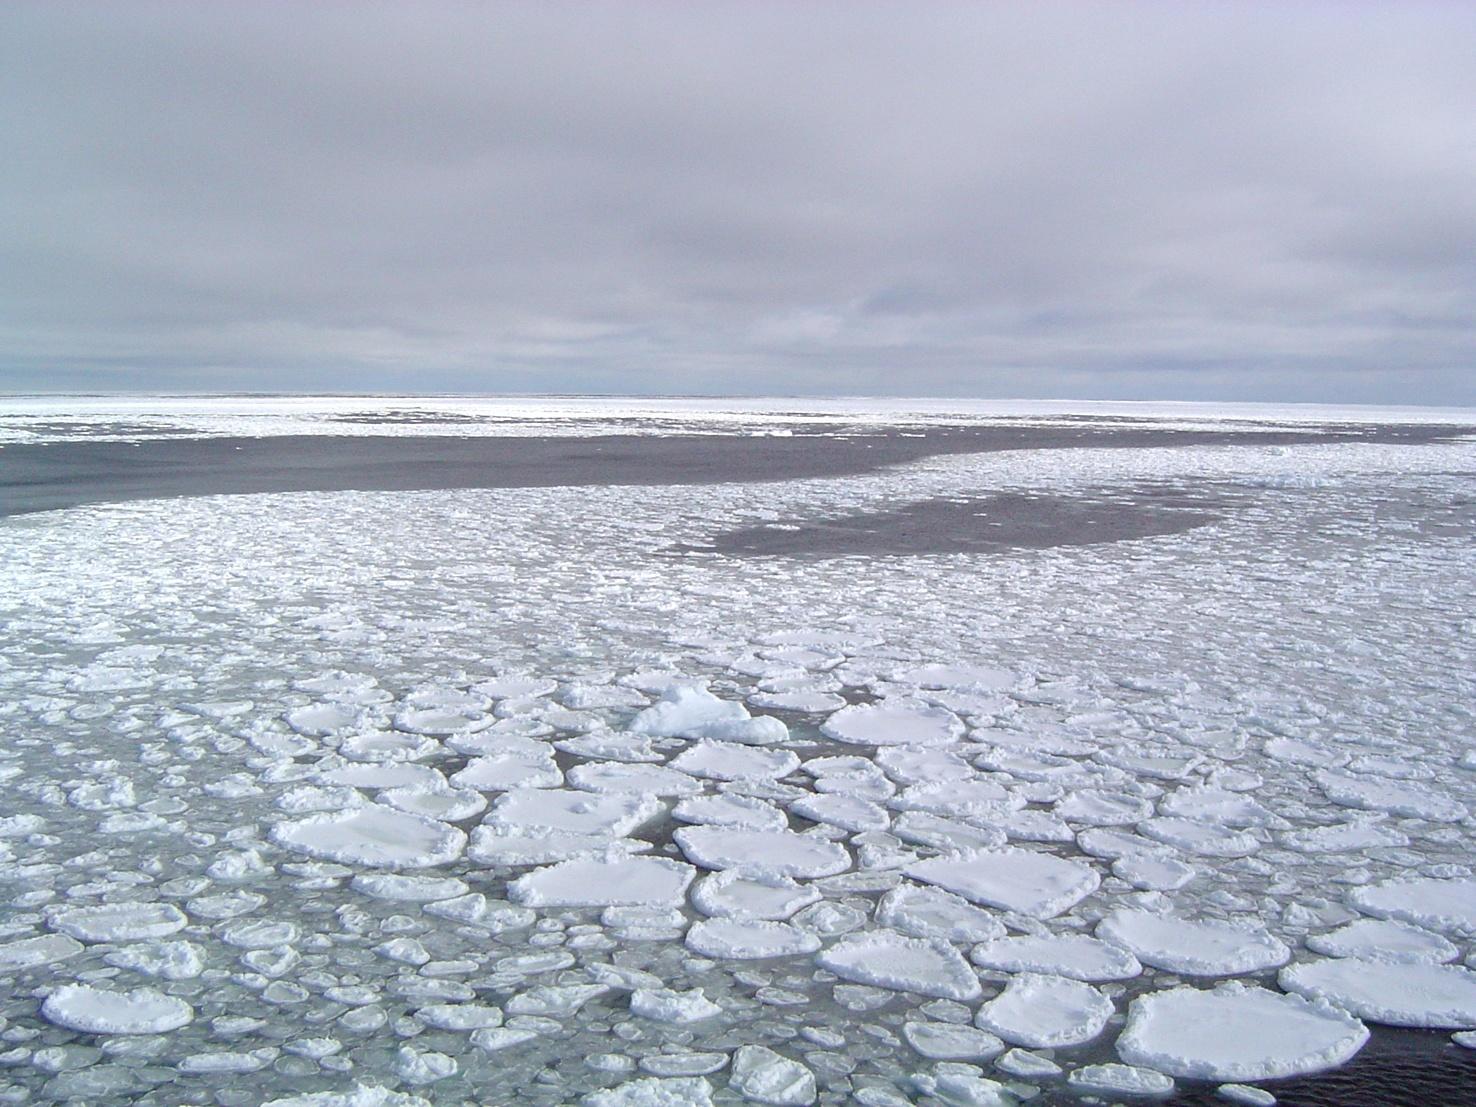 kuzey-buz-denizi-buzul-200315